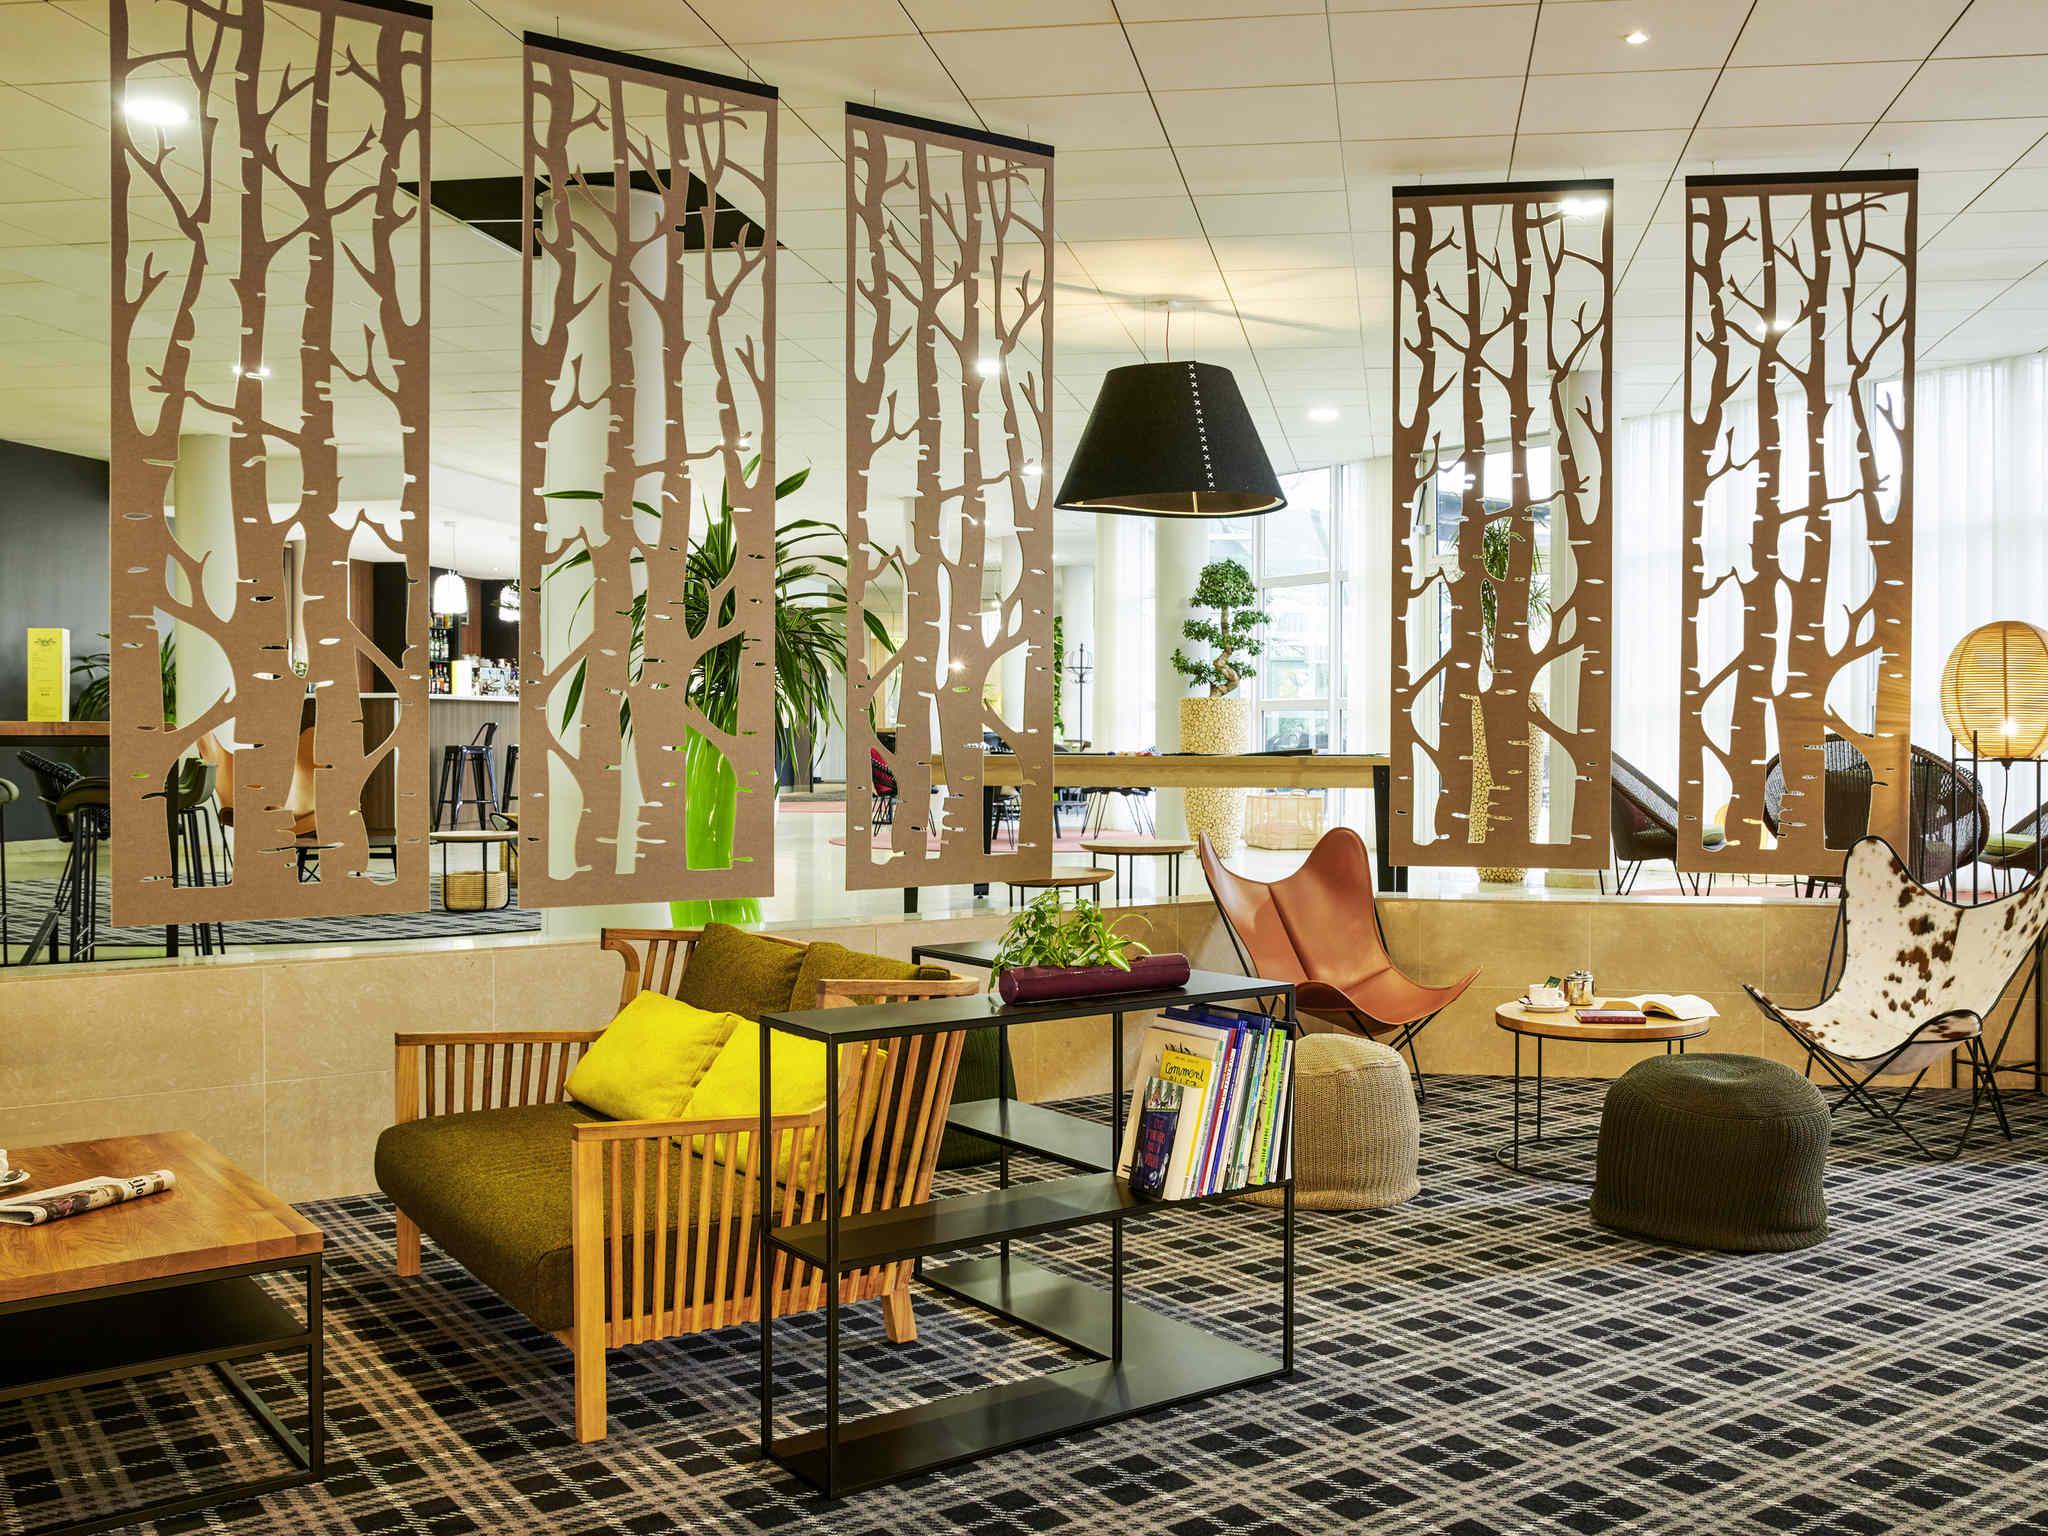 ホテル – Novotel Sénart Golf de Greenparc